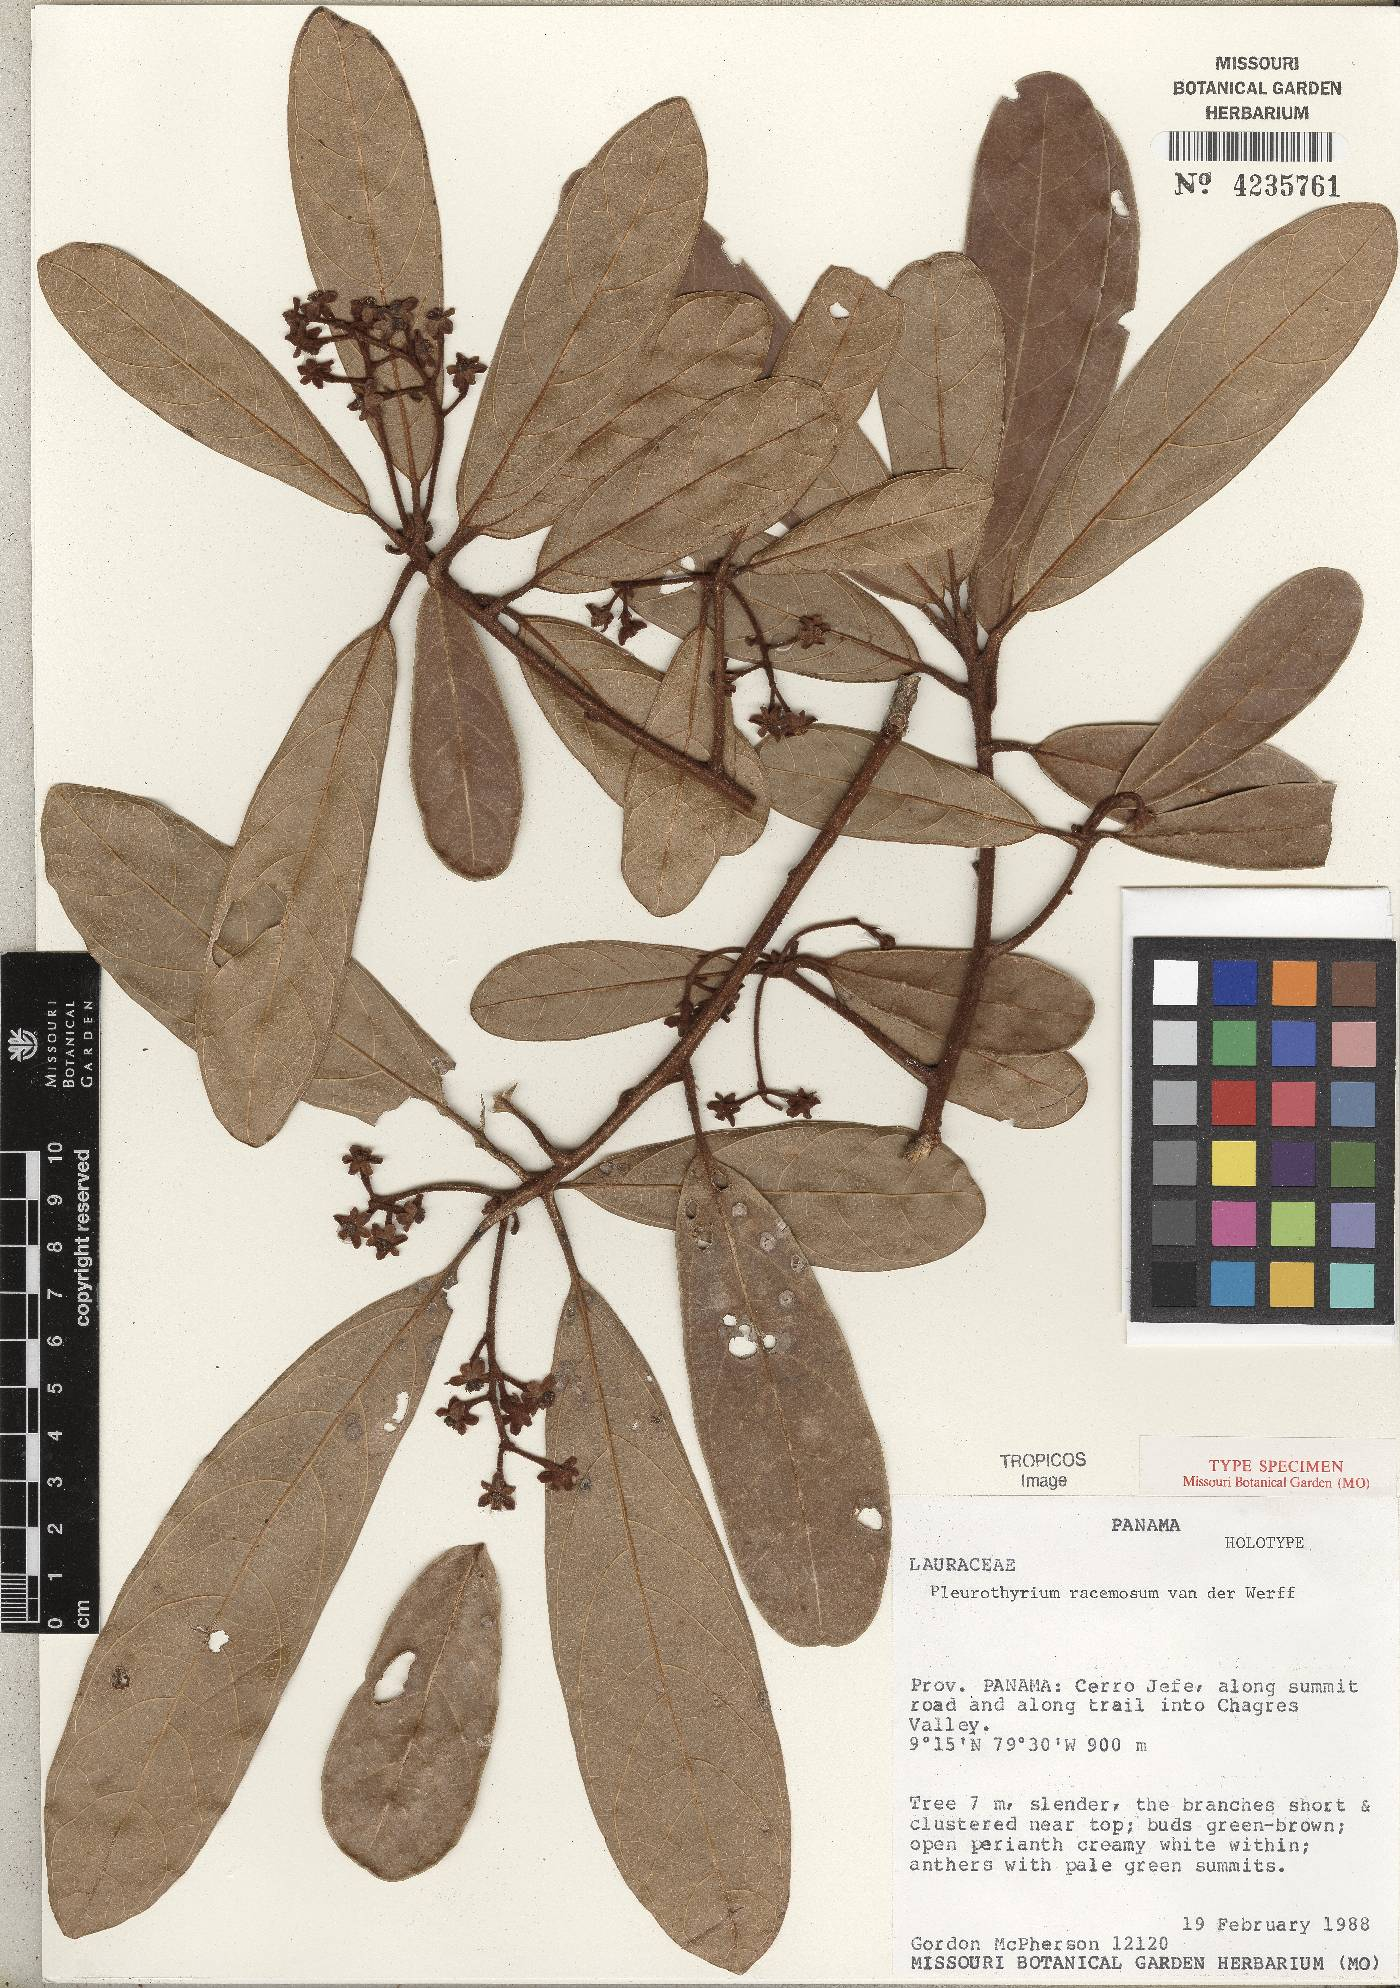 Pleurothyrium racemosum image